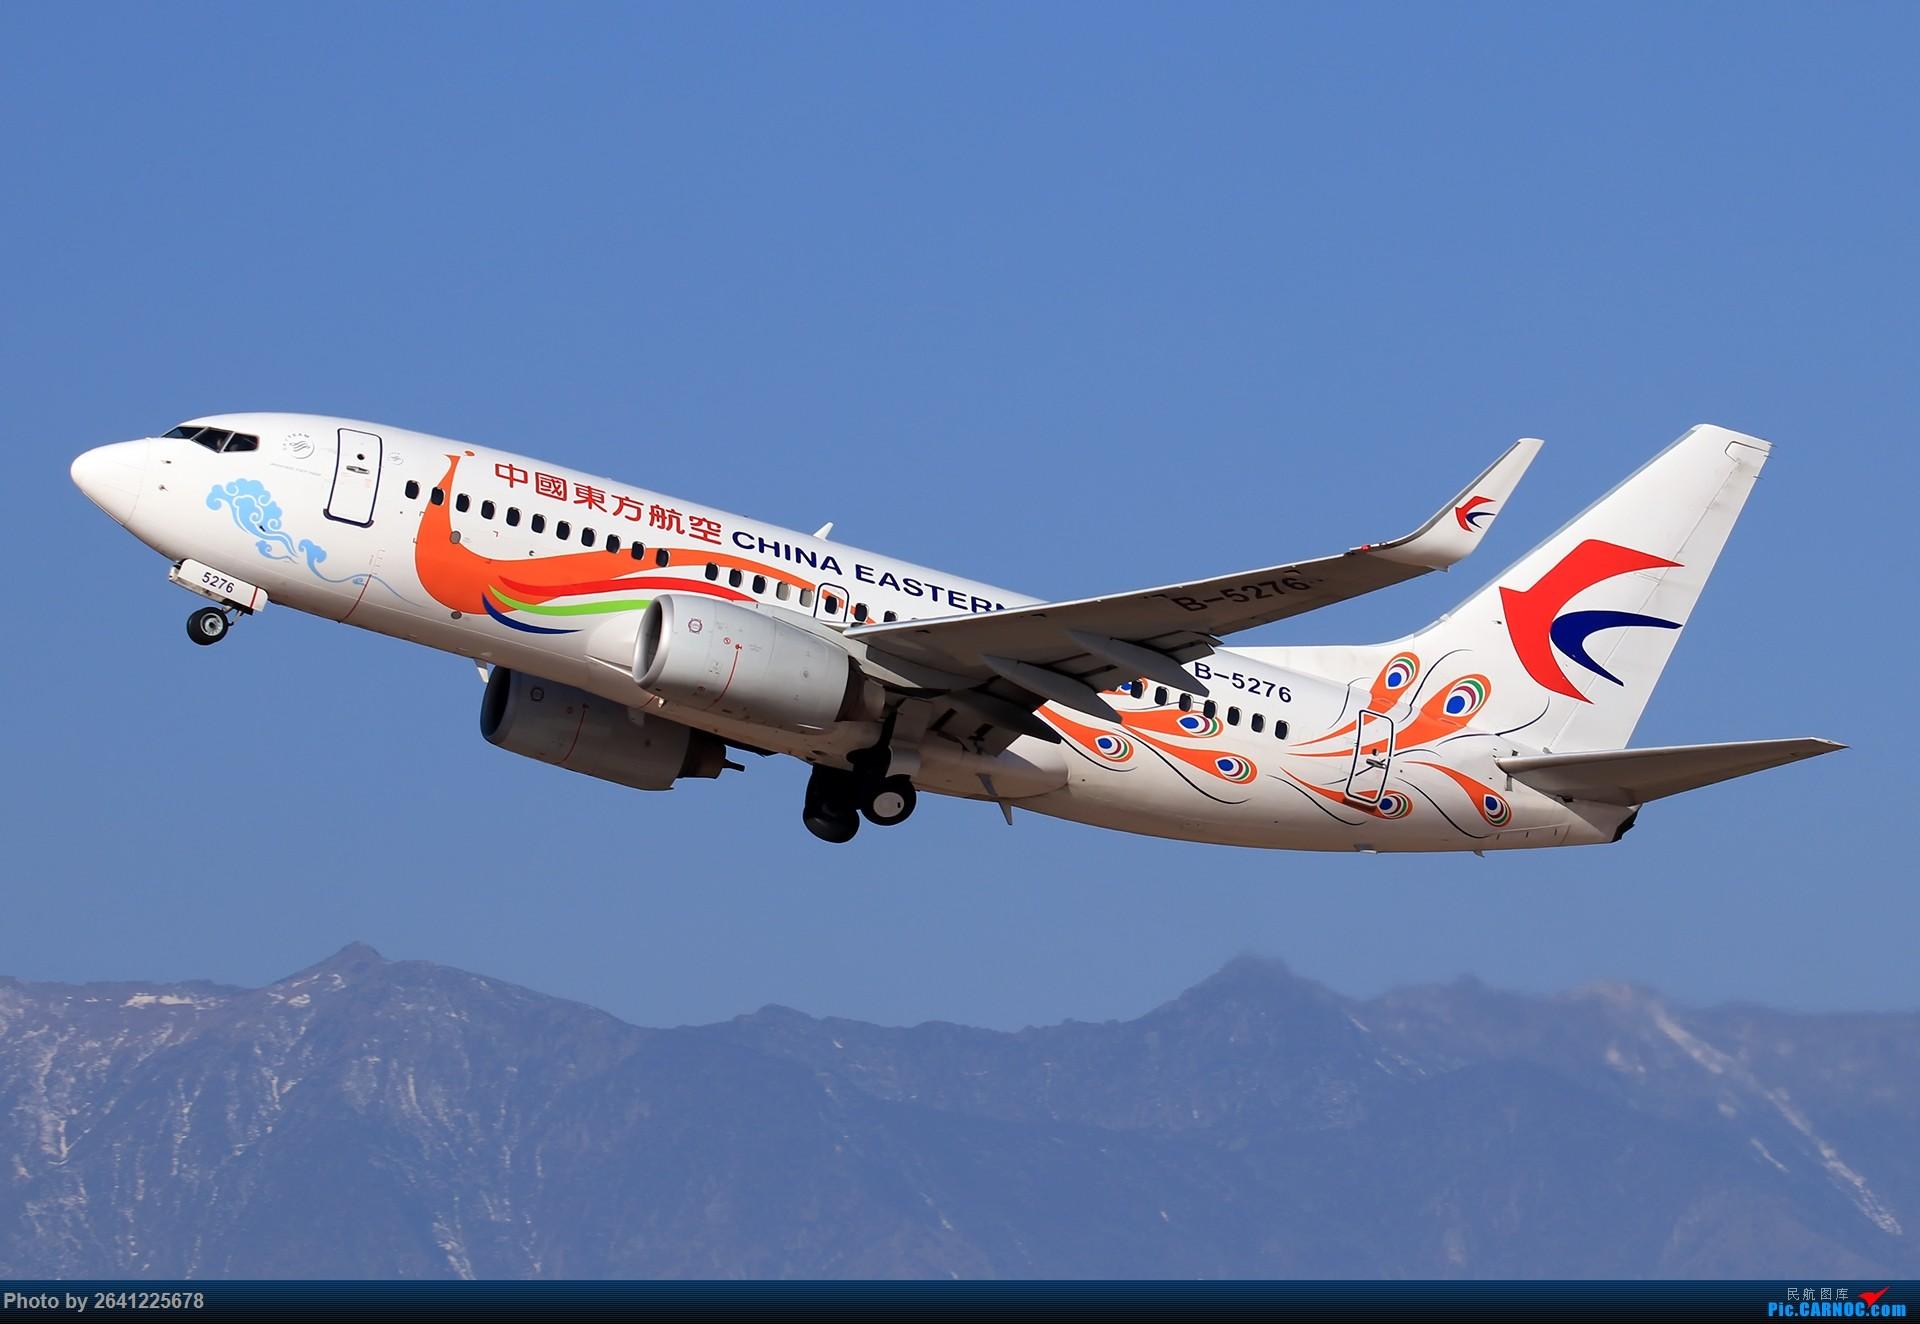 Re:[原创]【KMG&DLU】又见云南——小周的昆明大理拍机 BOEING 737-700 B-5276 中国大理机场